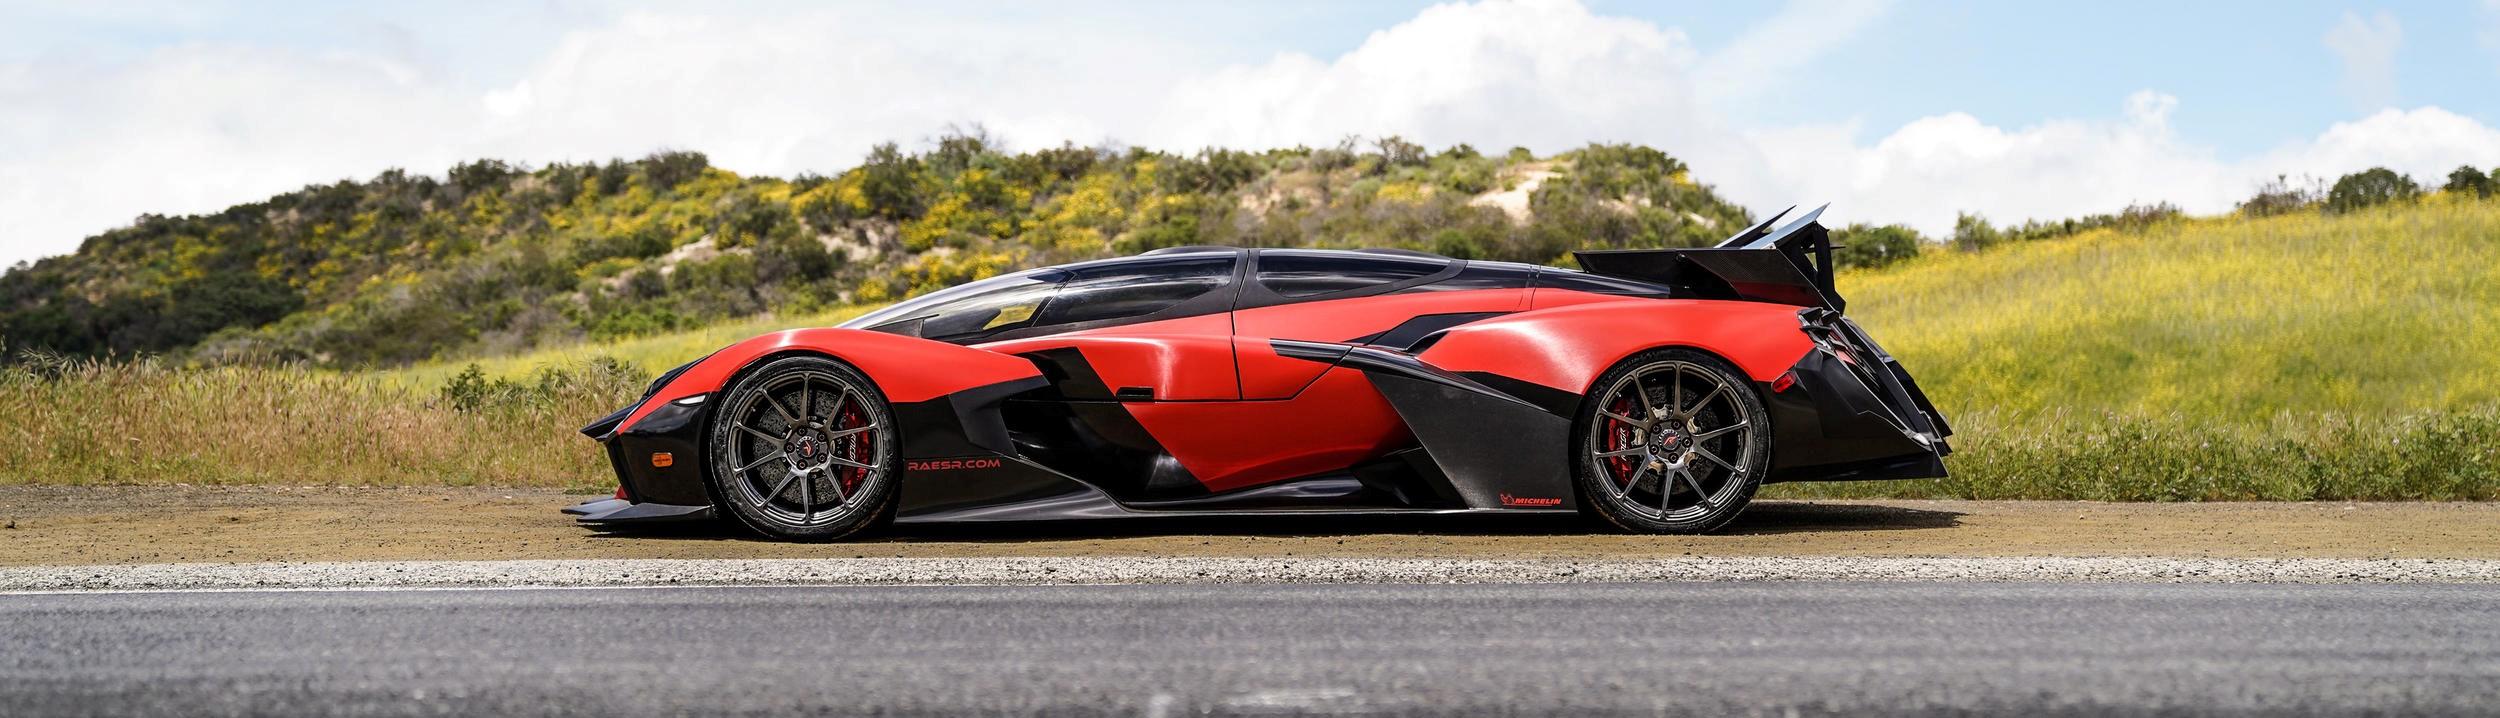 1250 lóerős elektromos autó